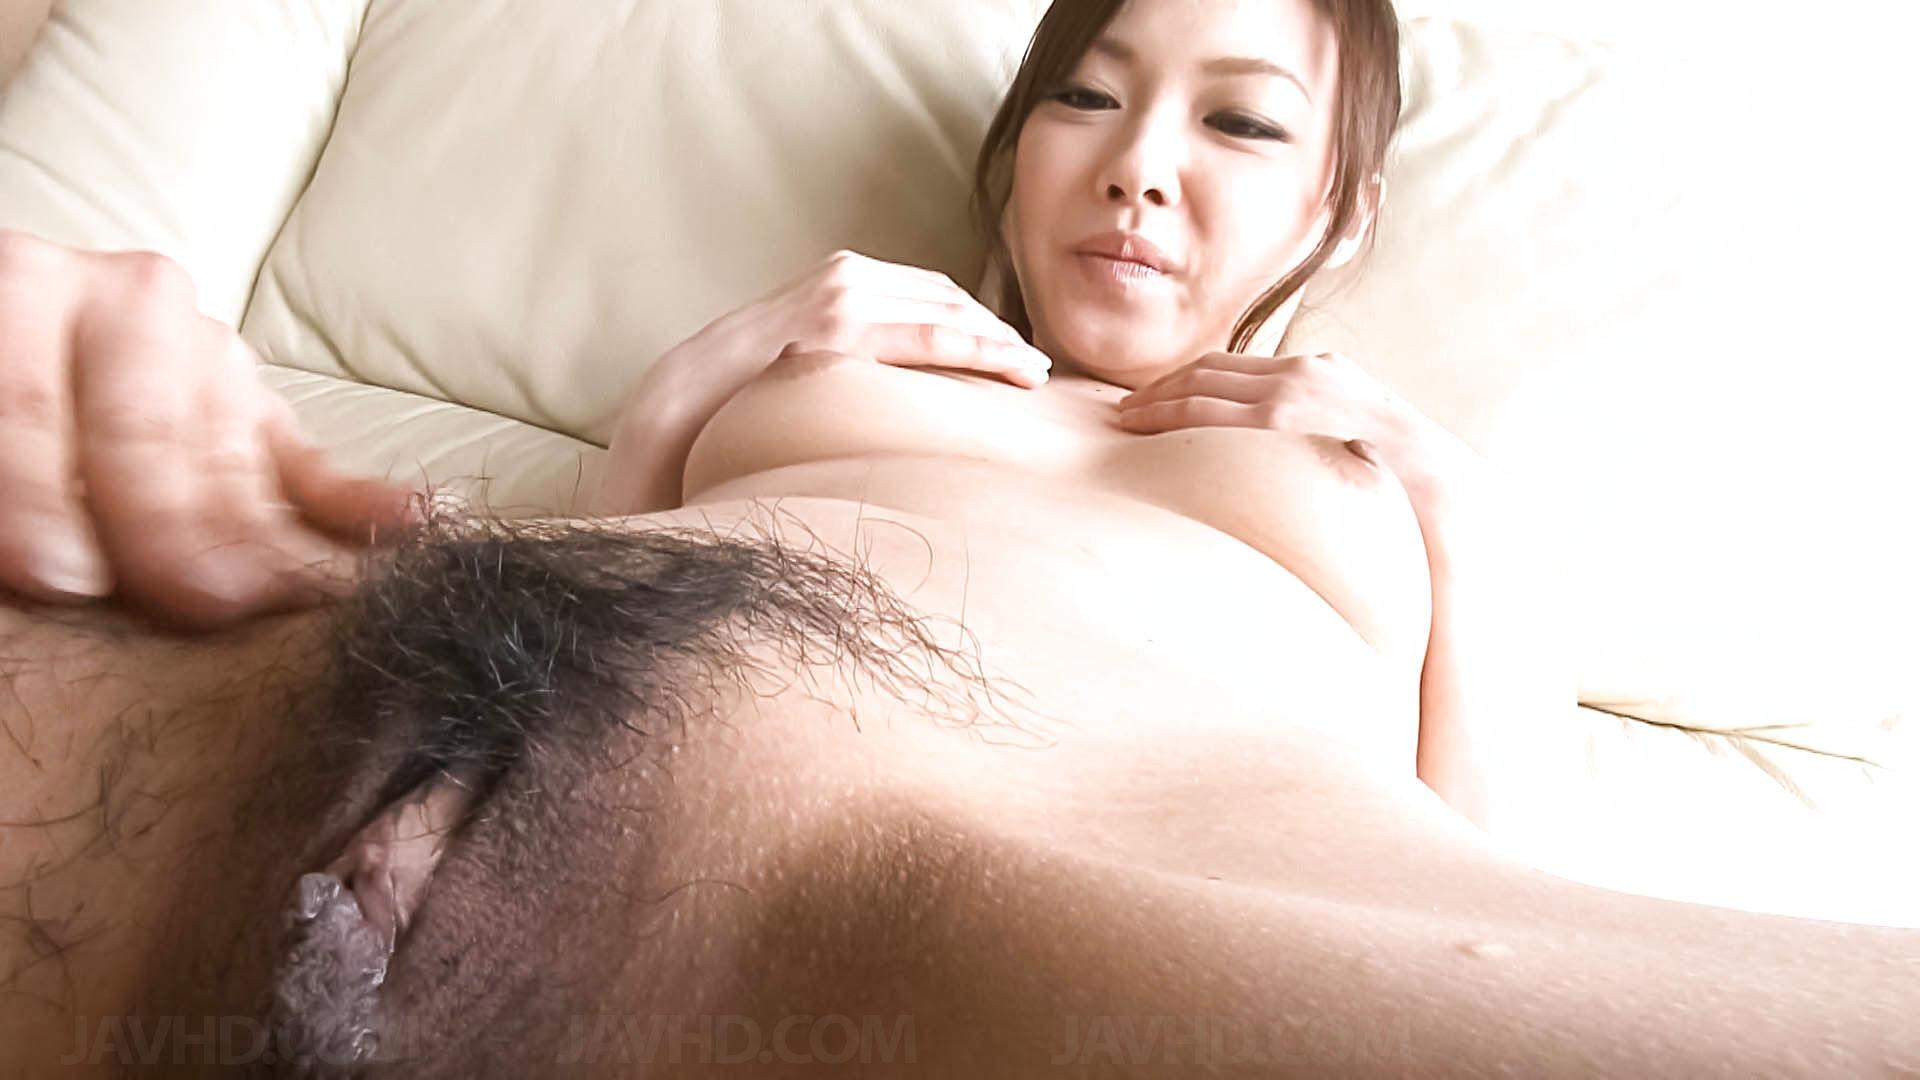 Азиатка с большой пиздой перед камерой бреет себе киску станком